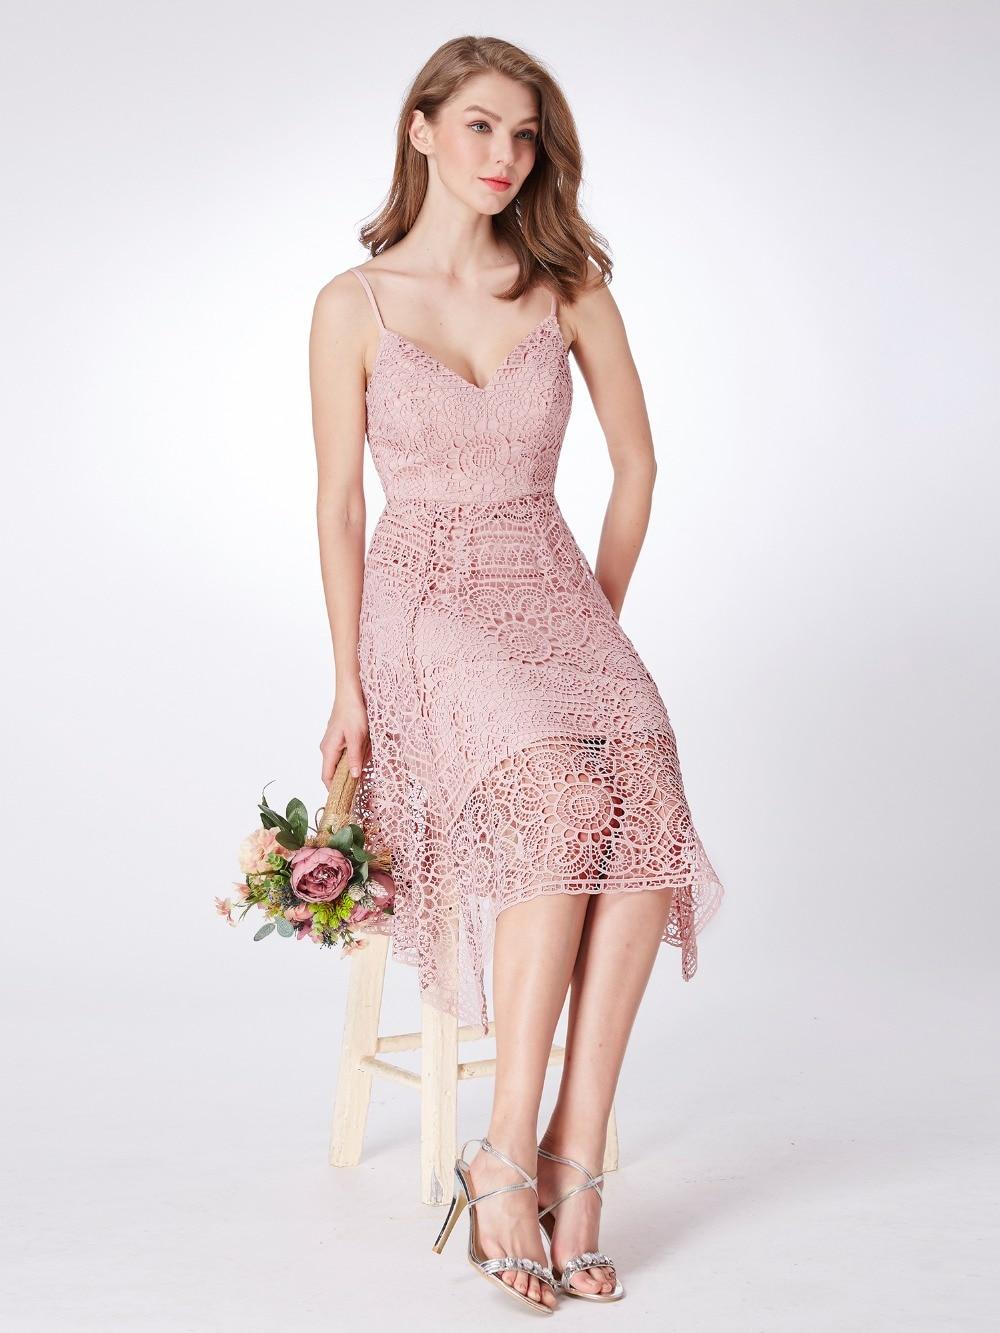 Bonito Vestidos De Dama Naranja Rústico Motivo - Ideas de Estilos de ...